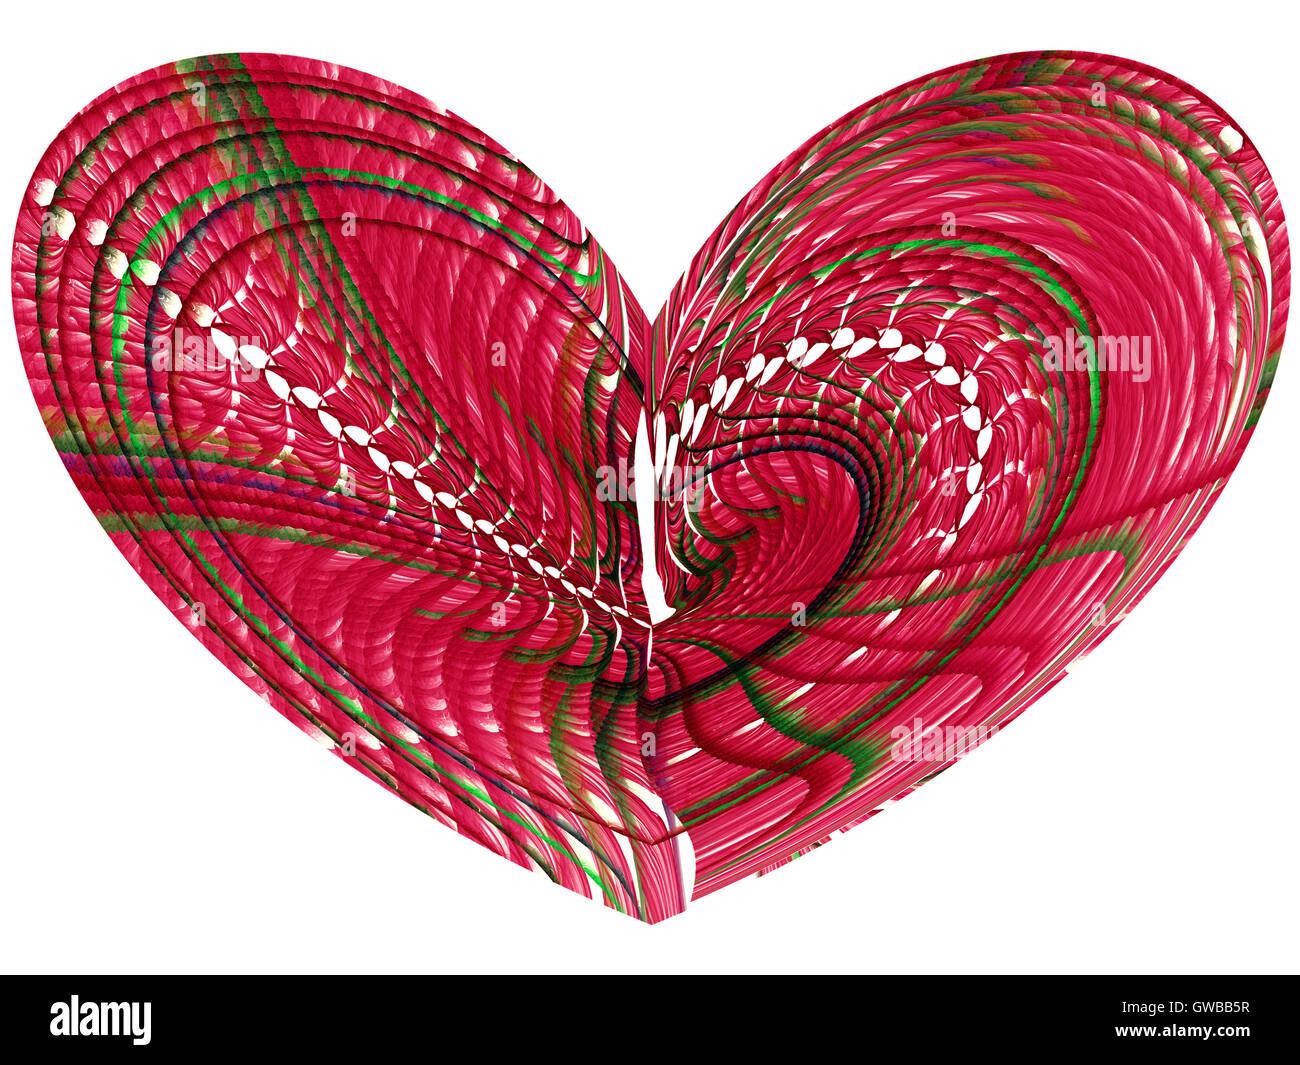 Abstrakte computergenerierte Bild Herzen Stockbild